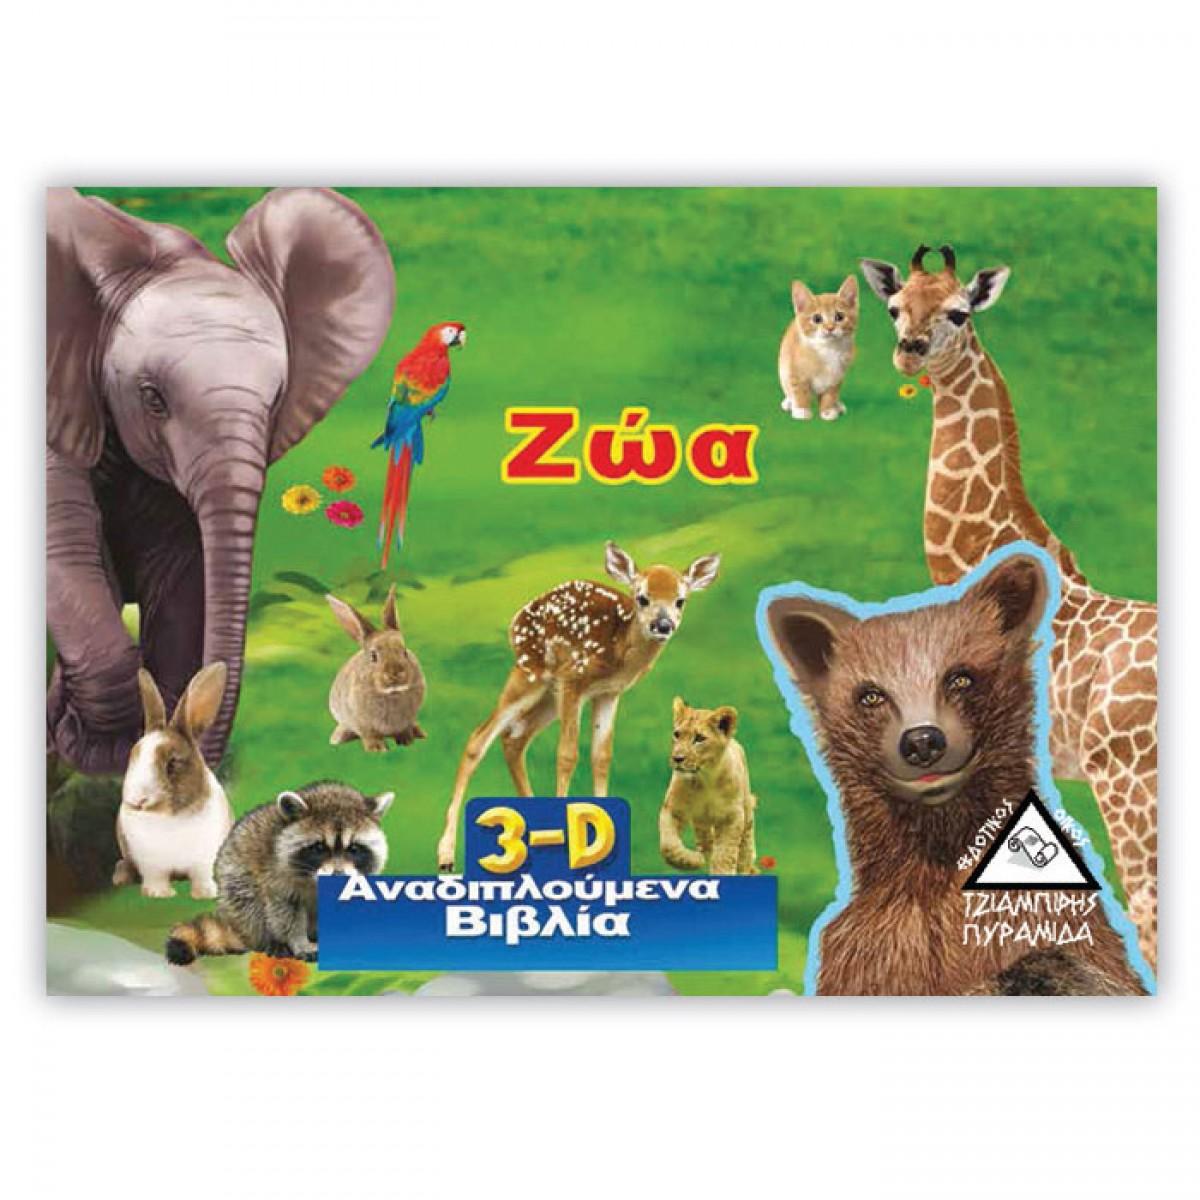 ΖΩΑ 3D ΒΙΒΛΙΟ Παιδικά Βιβλία